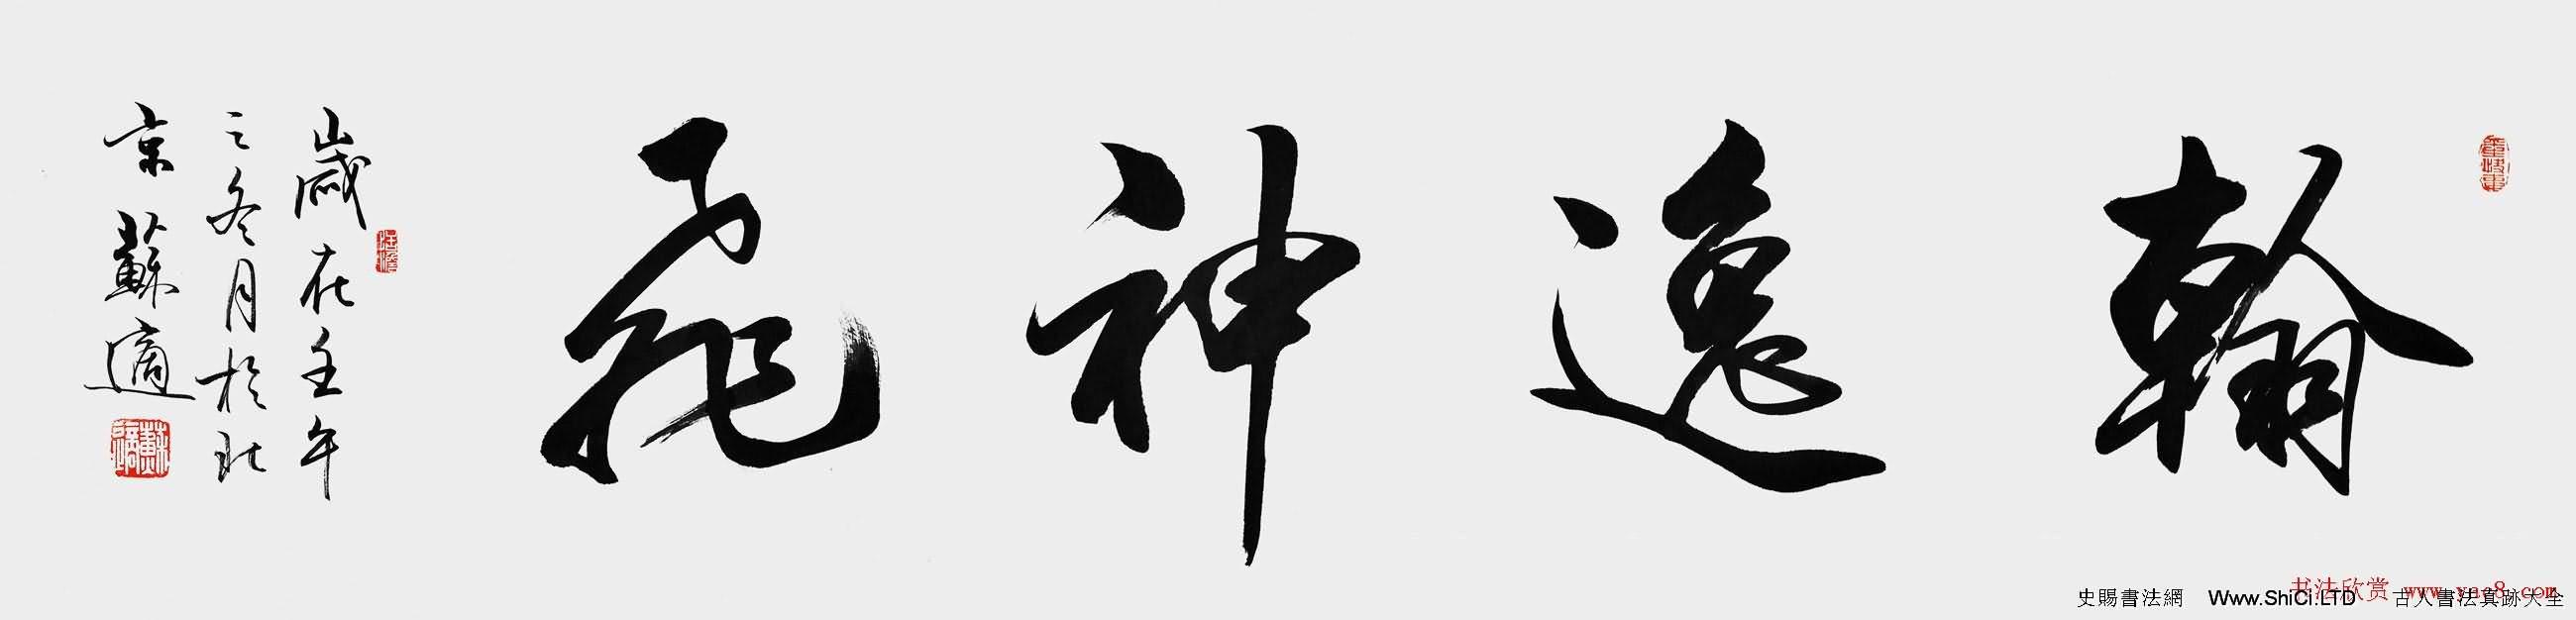 蘇適行書書法作品真跡欣賞(共17張圖片)